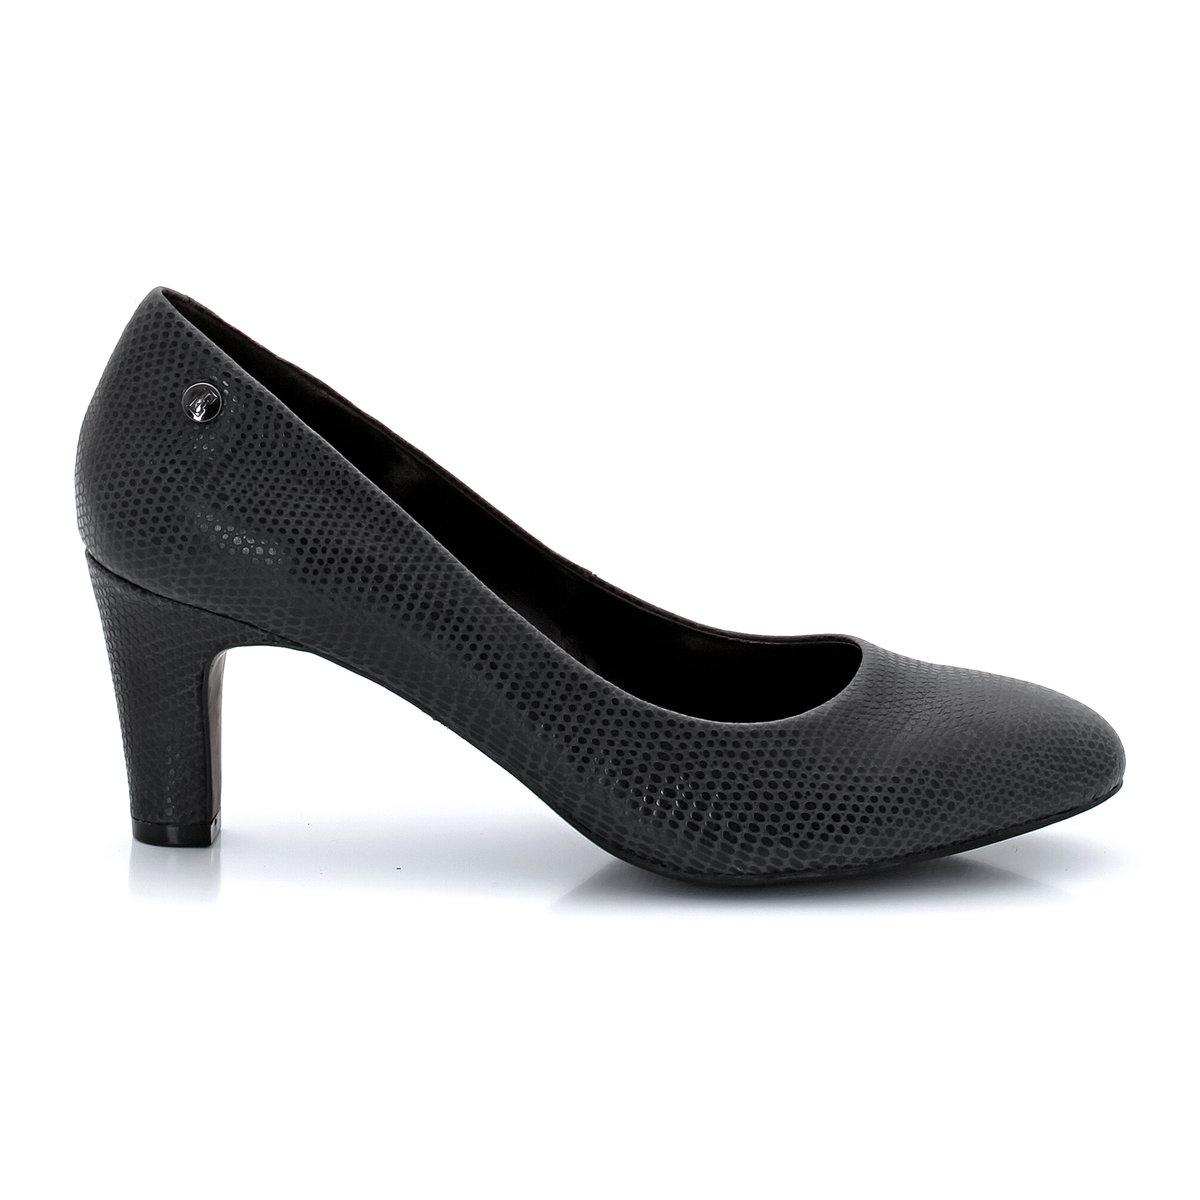 Туфли на высоком каблукеНеоспоримые плюсы: туфли в классическом стиле, и в то же время, с модными нотками этого сезона.<br><br>Цвет: черная ящерица<br>Размер: 37